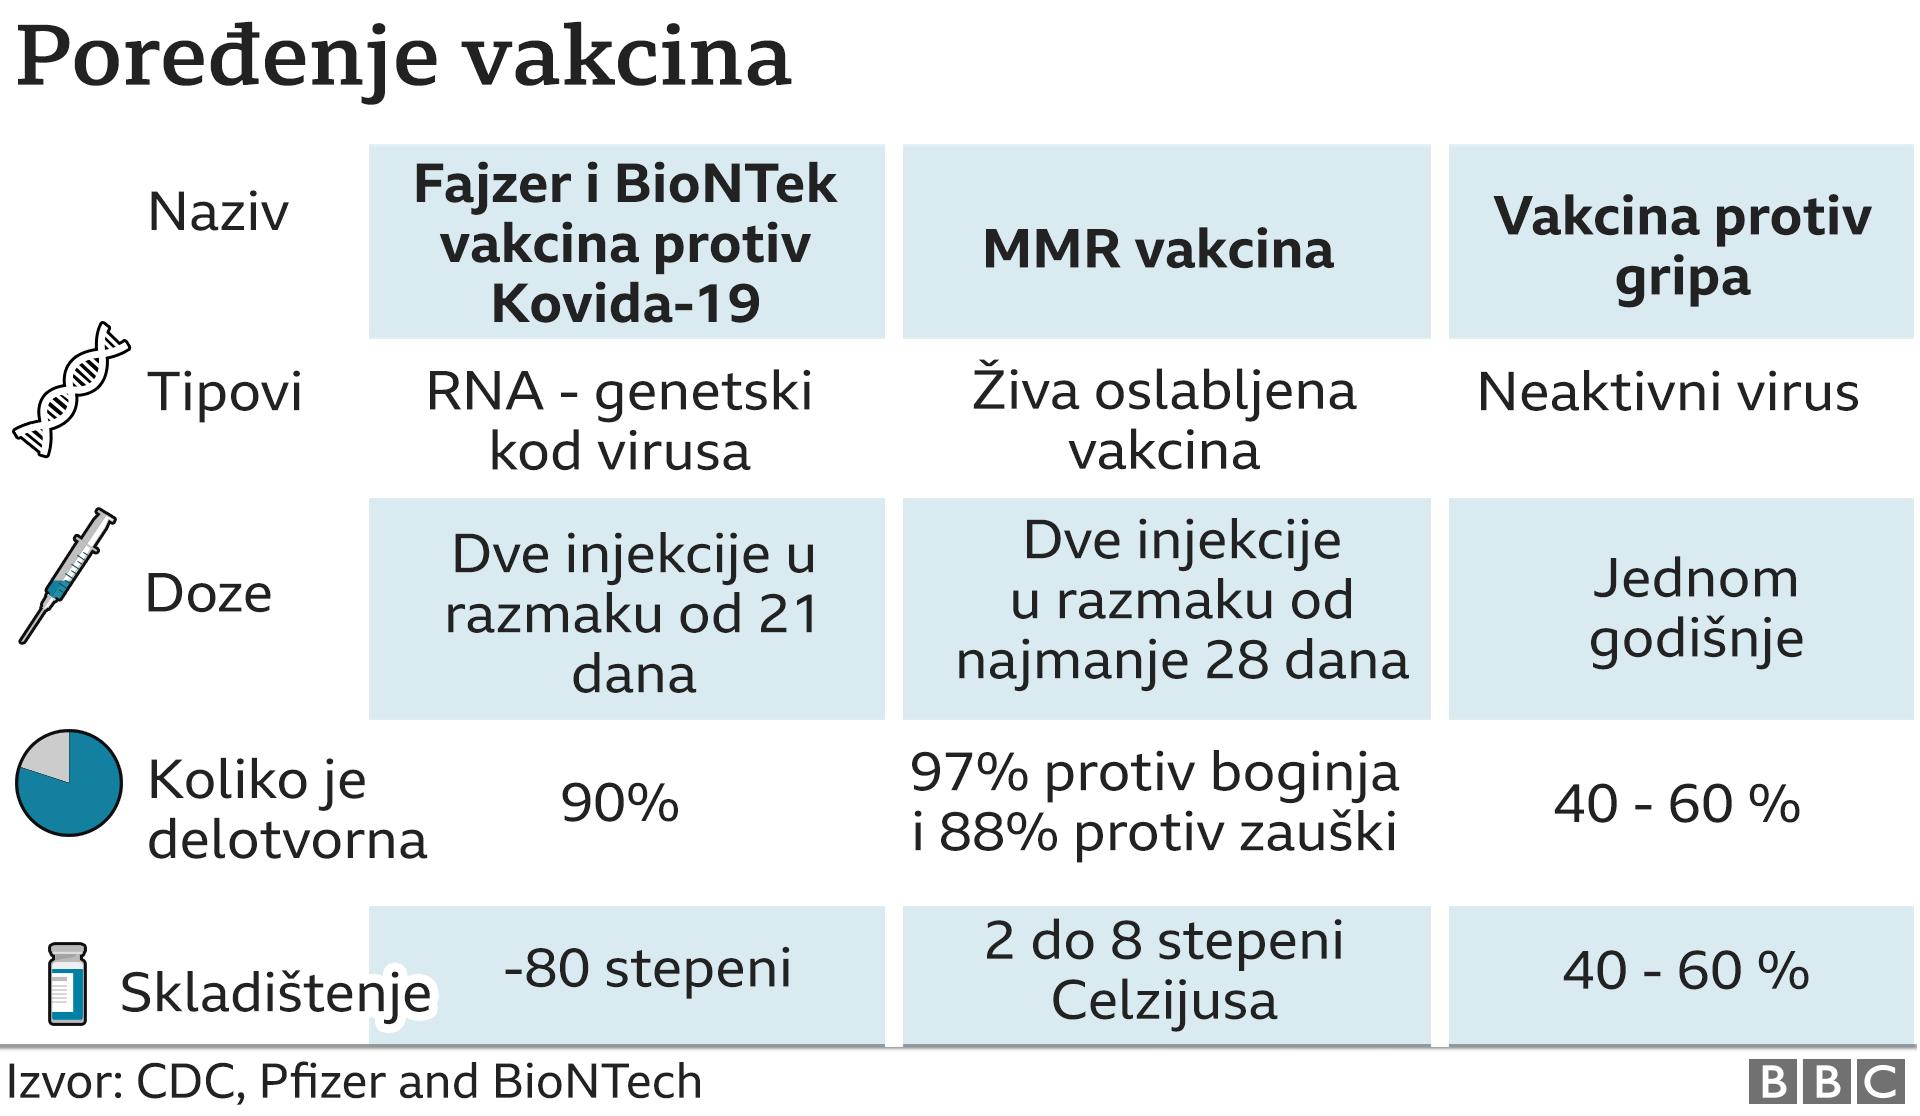 poređenje vakcina